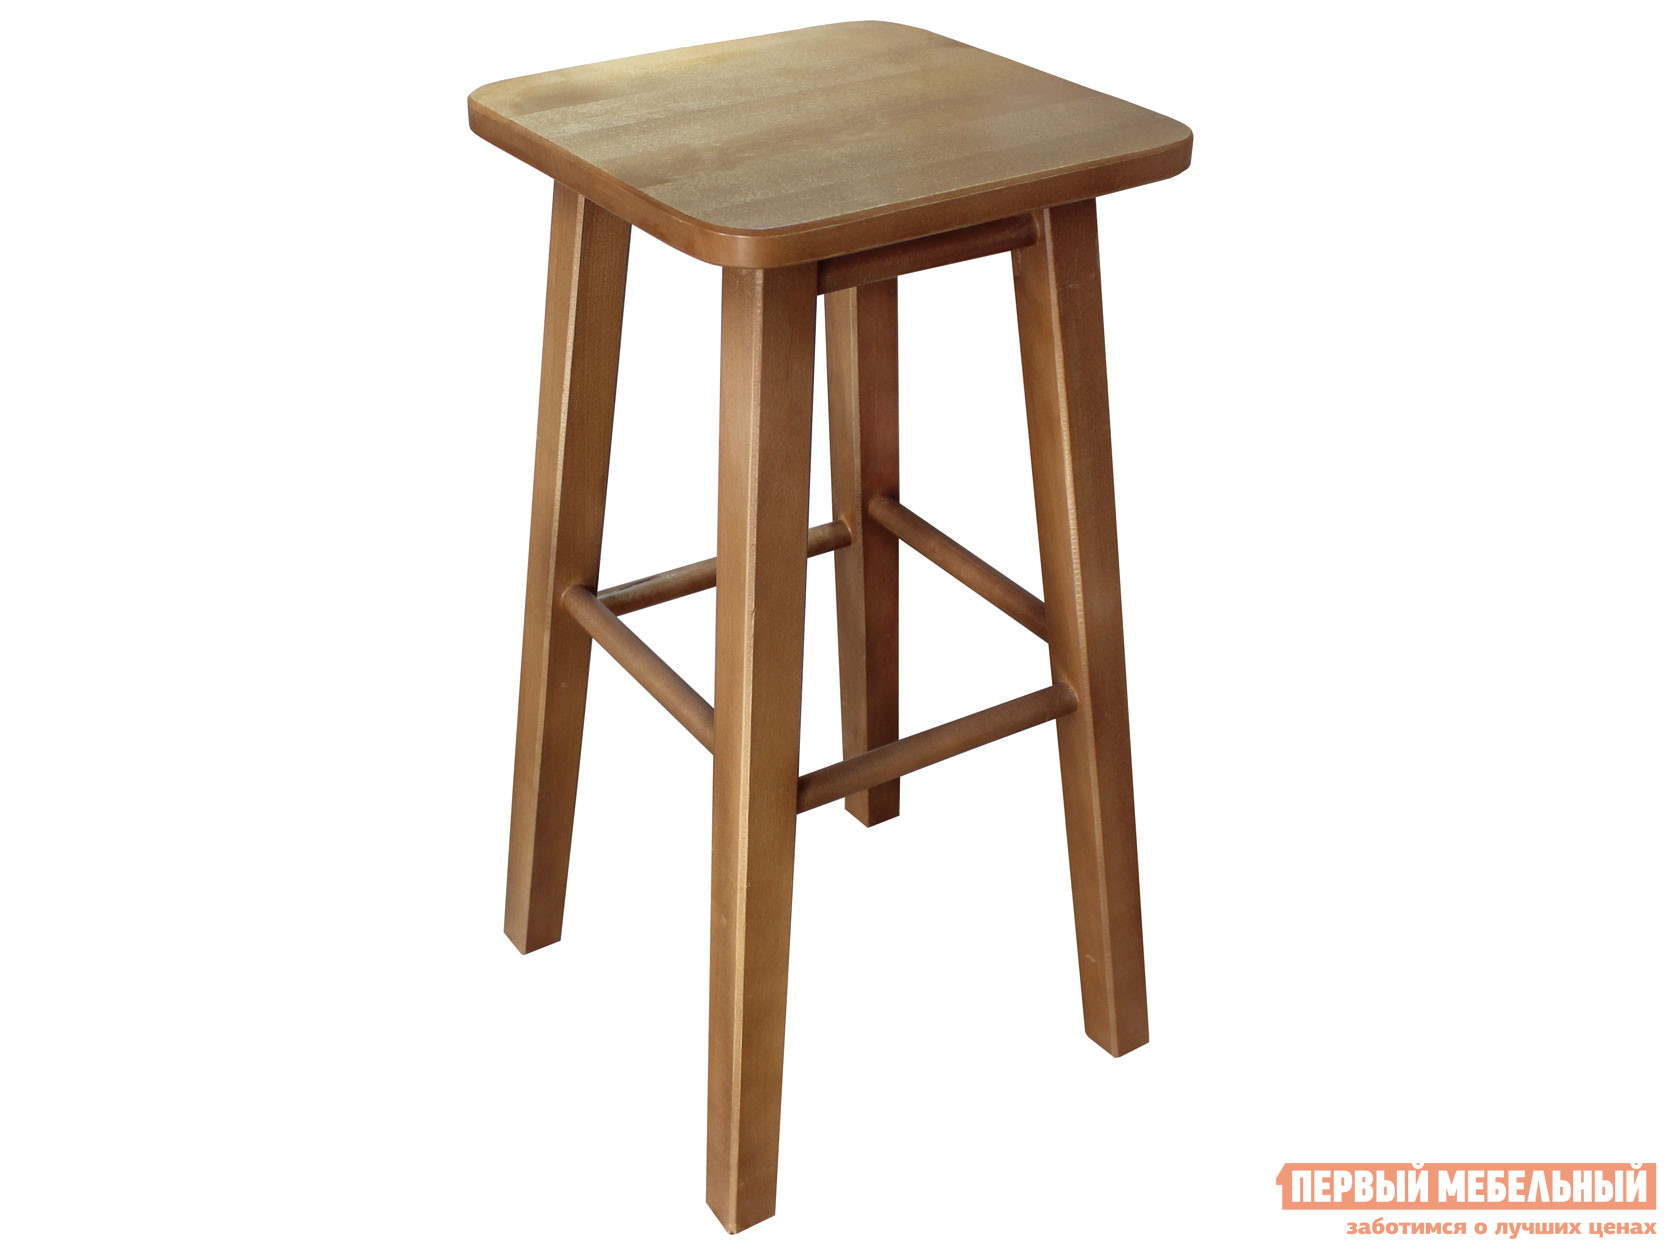 Барный стул  КМ022Б Орех, 650 мм